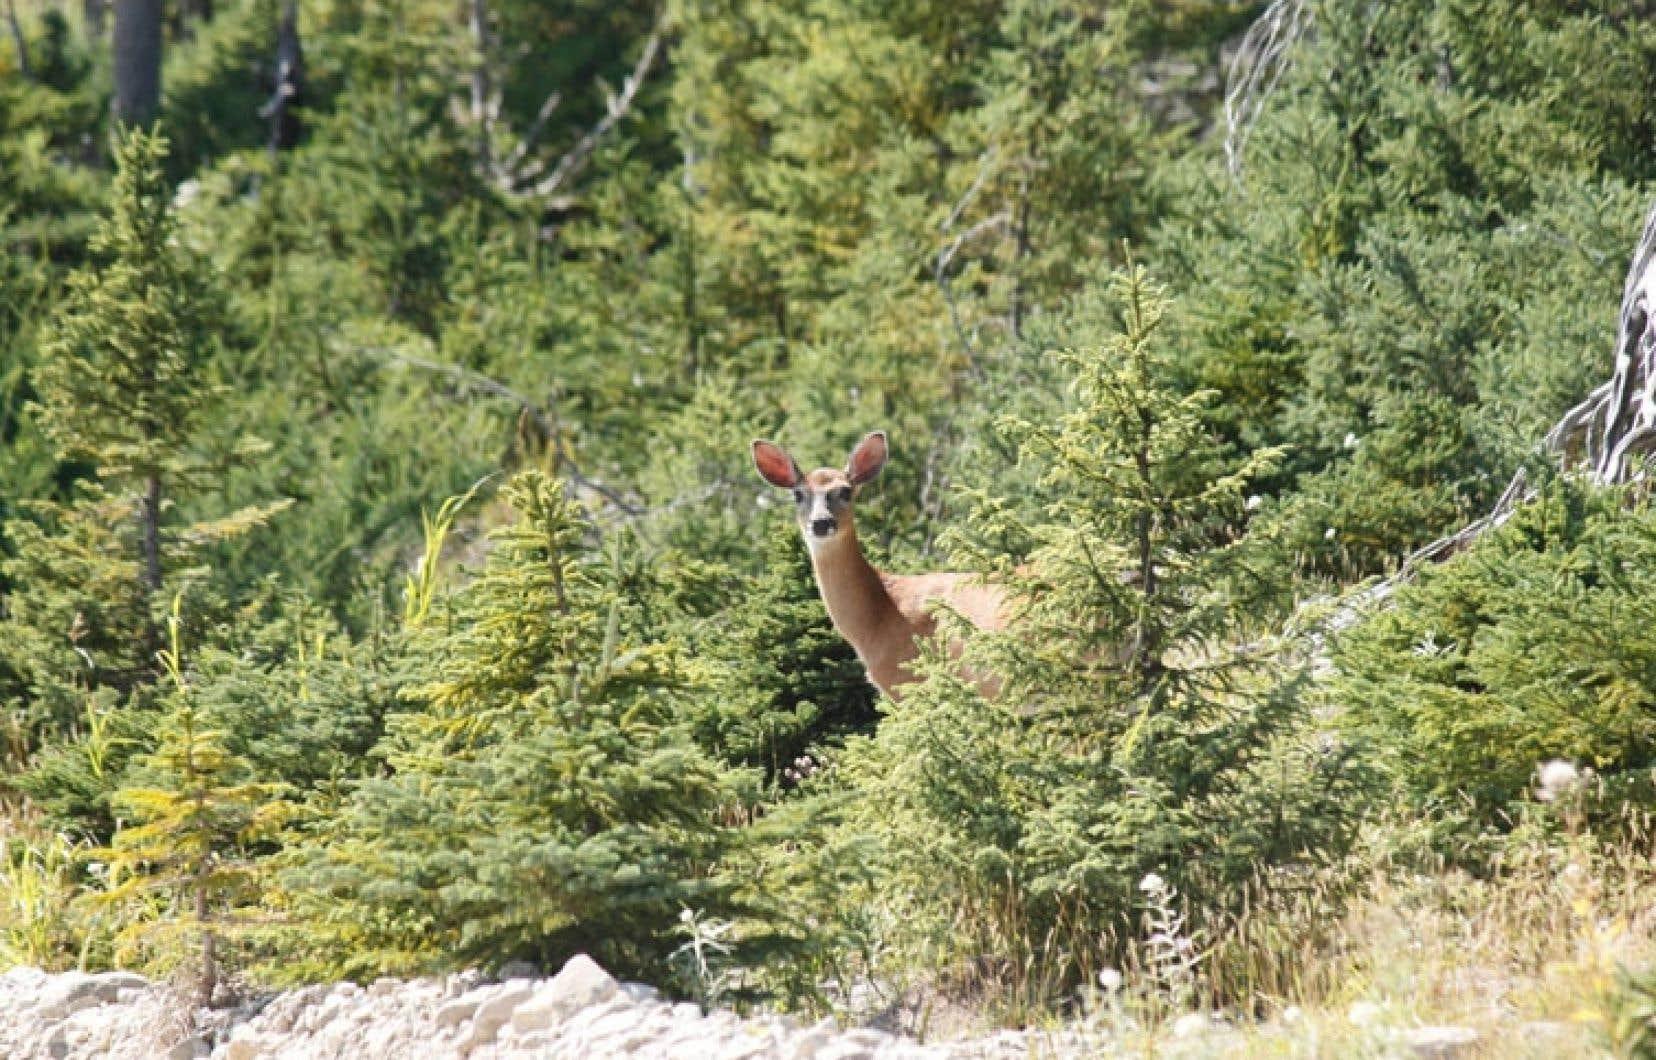 Le cerf de Virginie est un gibier populaire pendant la saison de la chasse.